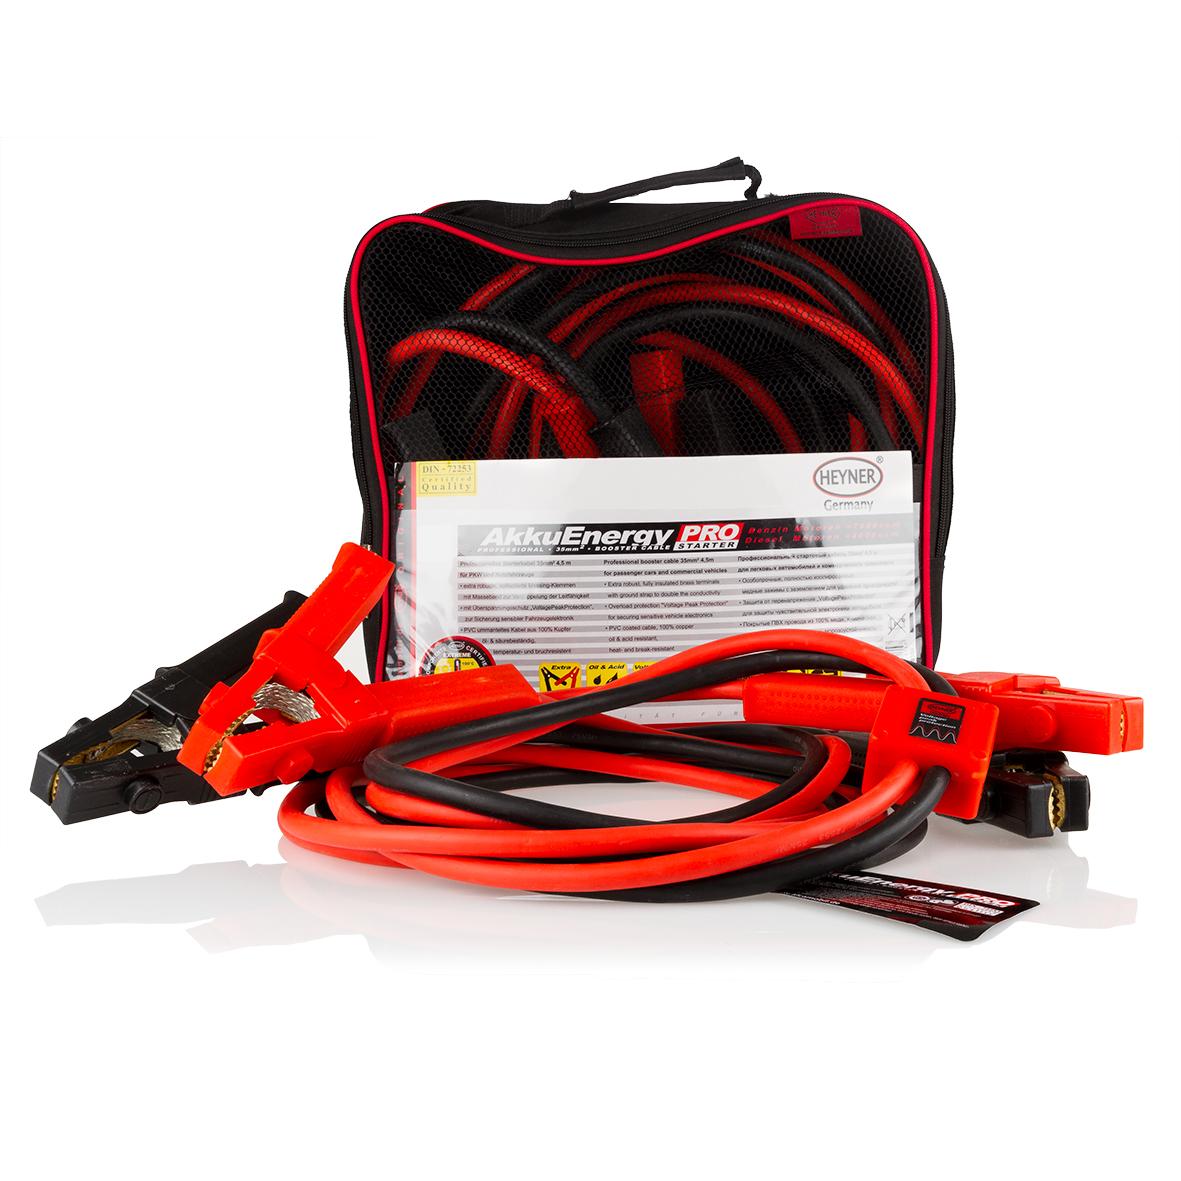 Старт-кабель Heyner AkkuEnergy, диаметр 25 мм, длина 3,5 м928250Старт-кабель Heyner AkkuEnergy выполнен из меди и снабжен ударопрочной, морозоустойчивой оплеткой, обладающей стойкостью к маслам и кислотам. Особо прочные, полностью изолированные медные зажимы с заземлением предназначены для удвоения проводимости. Защита от перегрузки VoltagePeakProtection гарантирует защиту чувствительной электроники автомобиля.